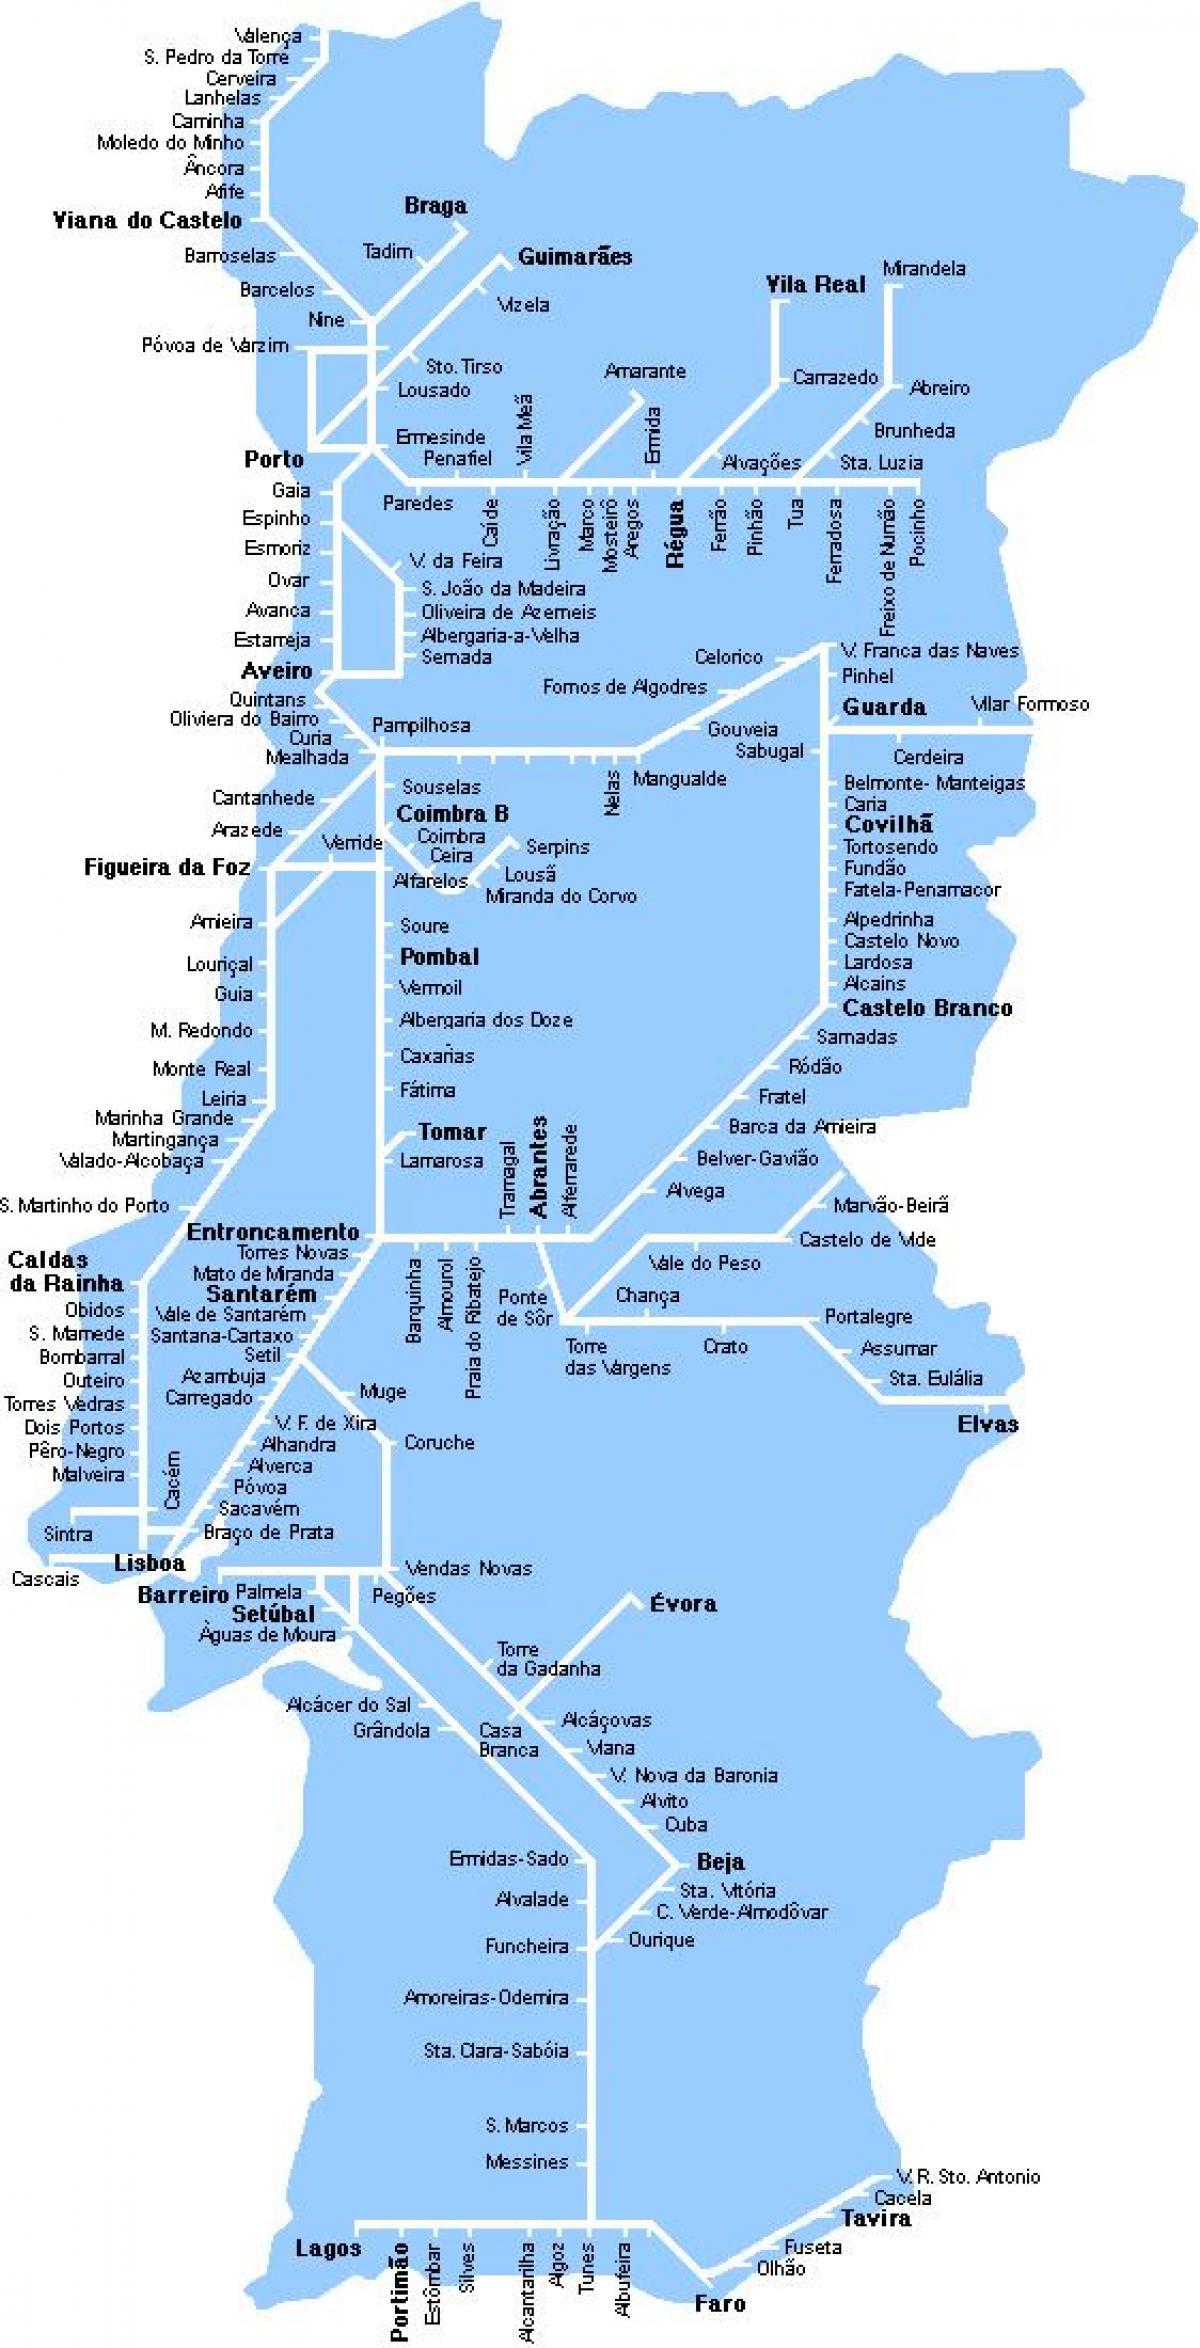 mapa ferroviario de portugal Portugal ferroviario mapa Ferroviario mapa Portugal (Sur de Europa  mapa ferroviario de portugal